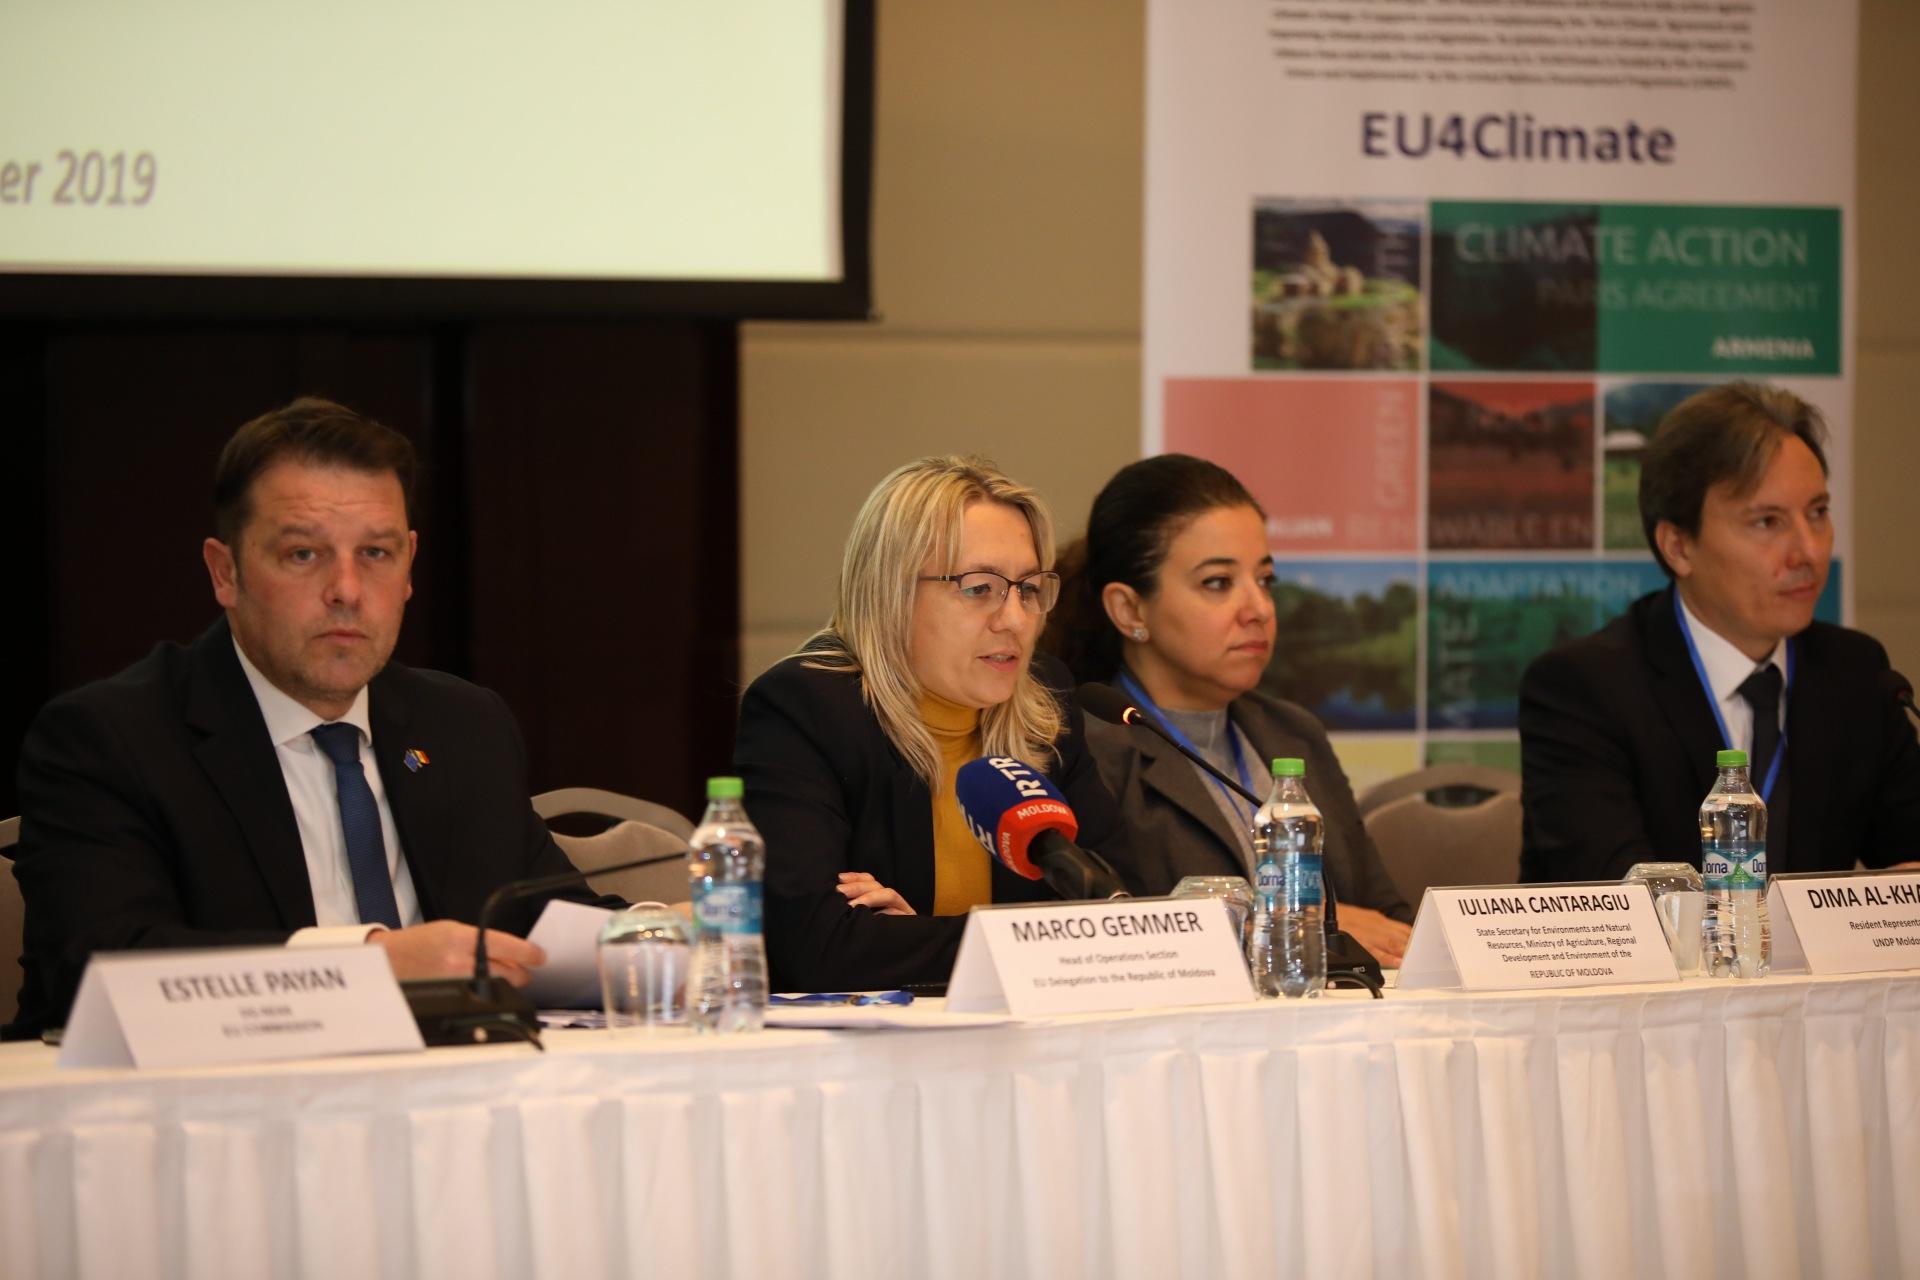 EU4Climate: Schimbările climatice ar putea deveni ireversibile; adaptarea este soluția